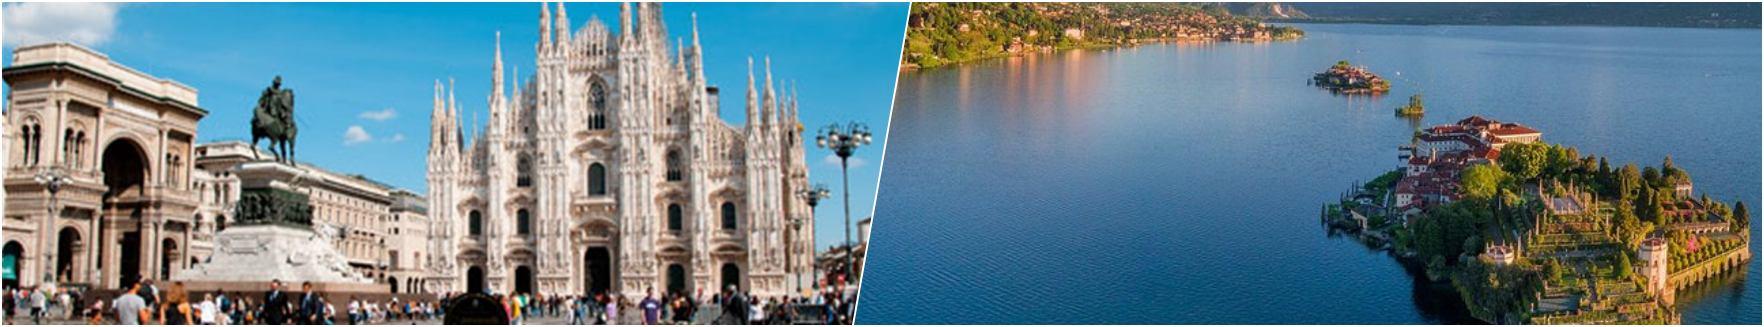 Milan - Lake Maggiore